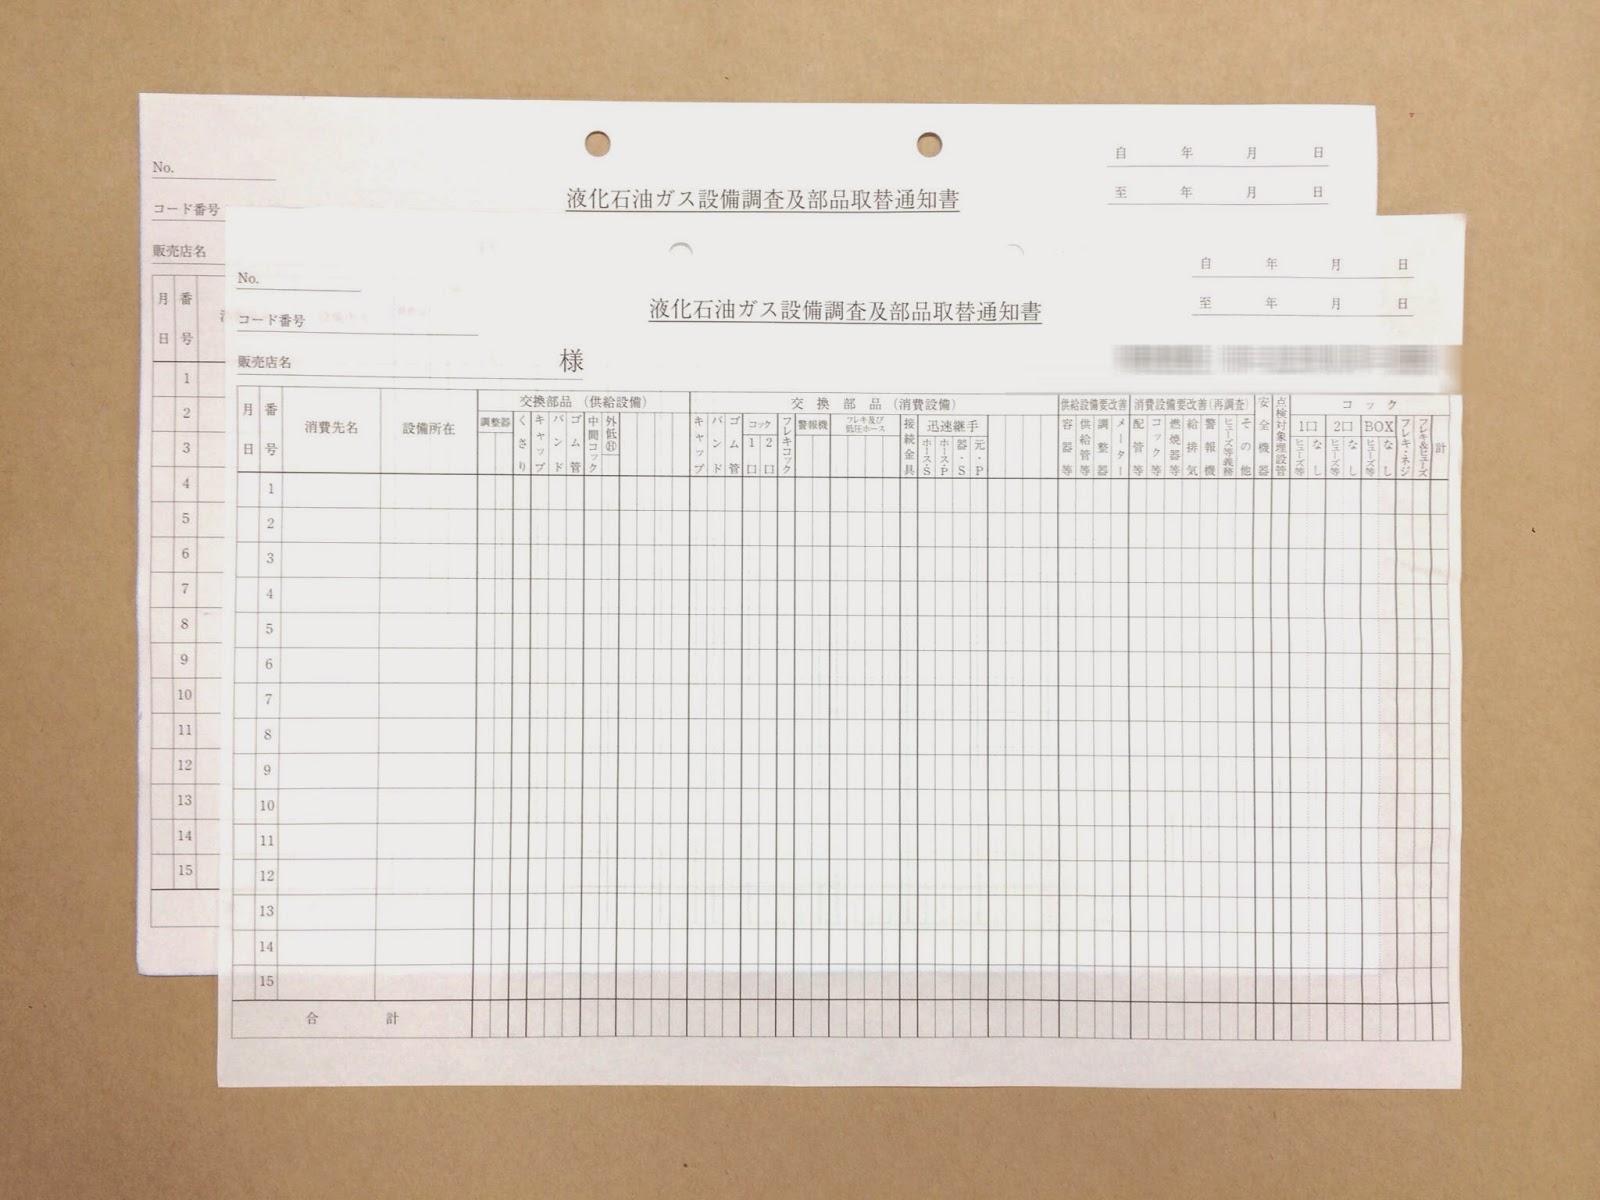 2枚複写、ガス設備業向け複写伝票